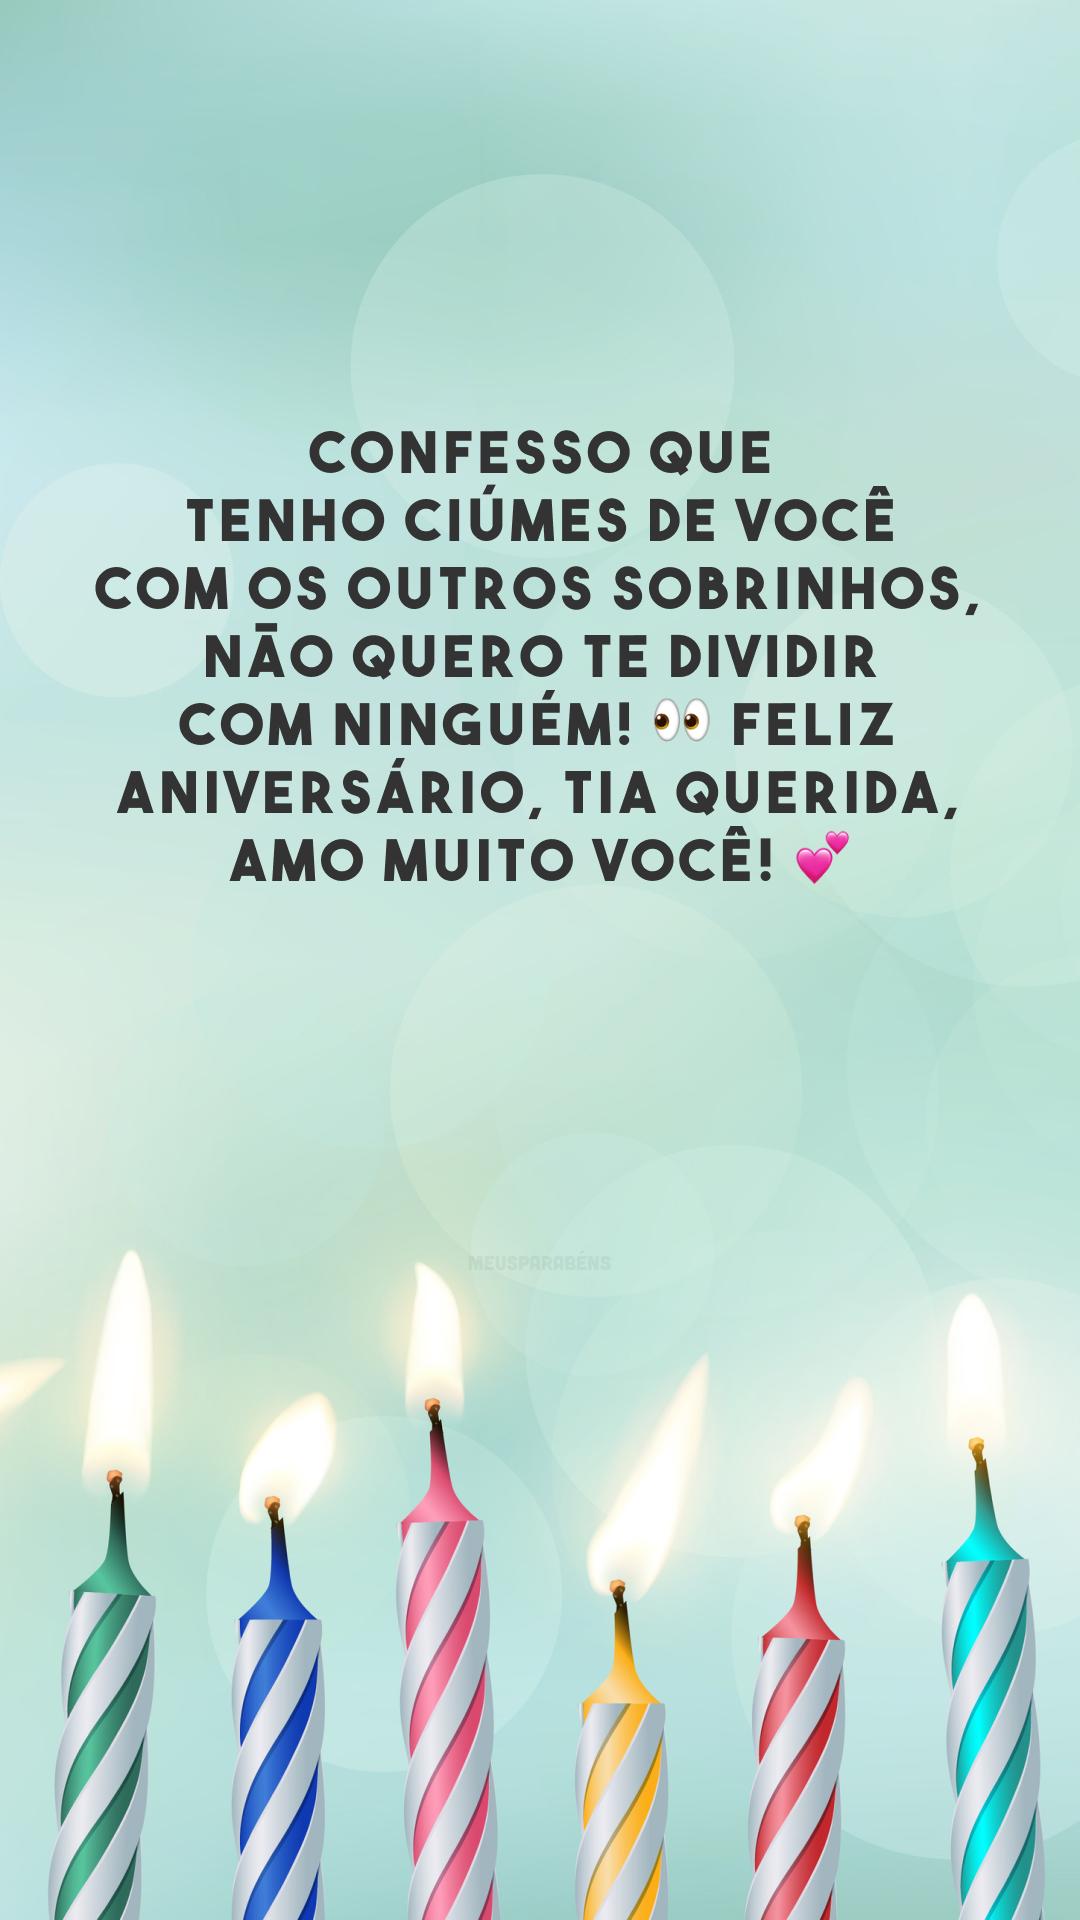 Confesso que tenho ciúmes de você com os outros sobrinhos, não quero te dividir com ninguém! 👀 Feliz aniversário, tia querida, amo muito você! 💕